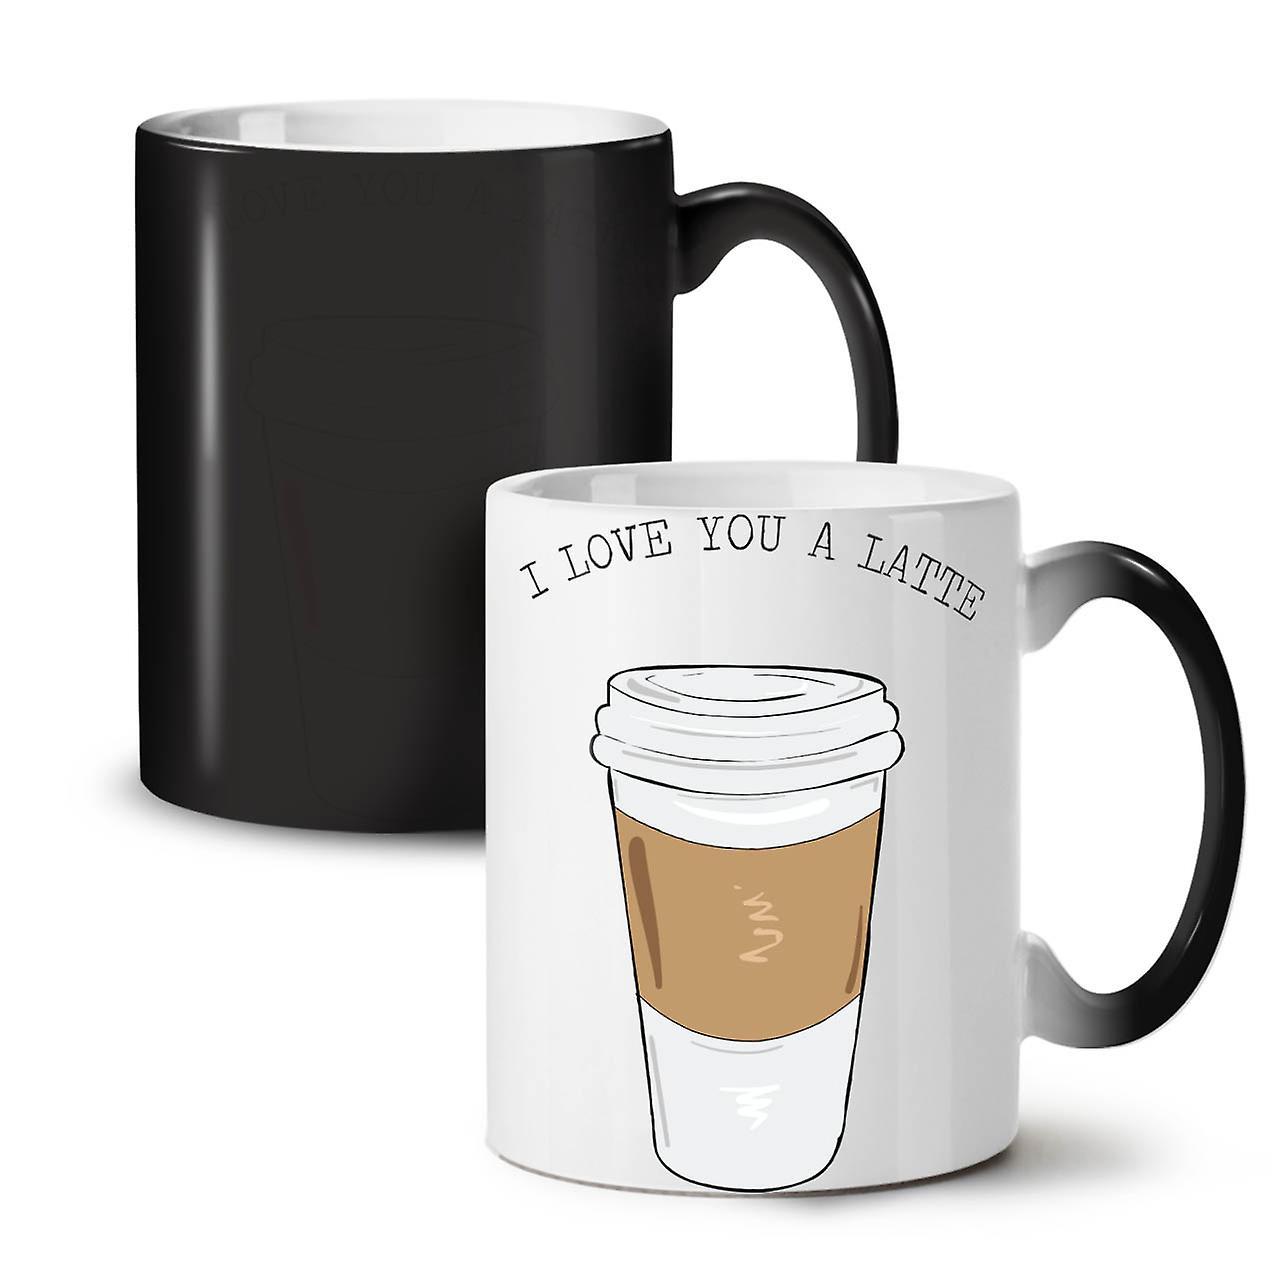 Café OzWellcoda Thé Couleur Tasse Céramique Nouvelle Changeant T'aime Noire Latte Fashion Je 11 W9IEH2DY